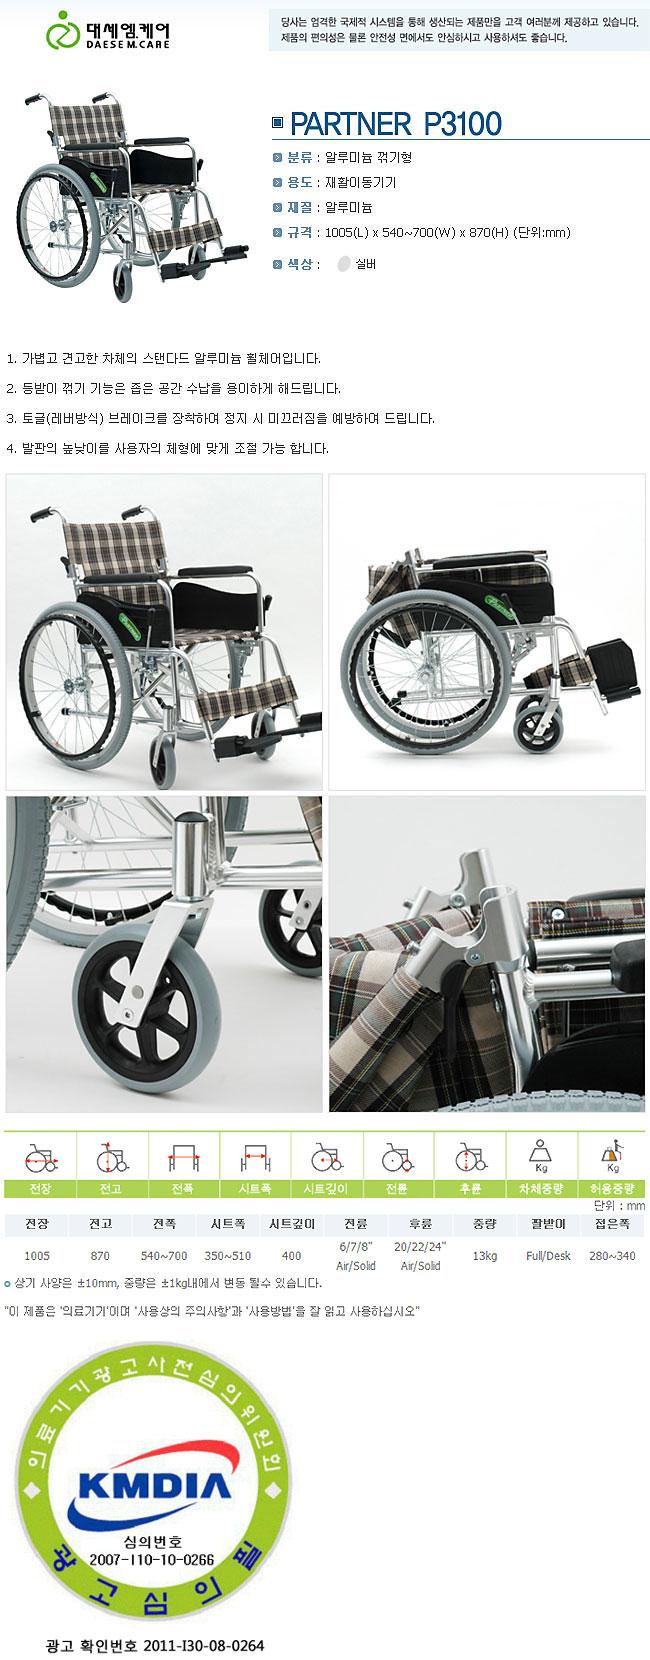 대세 경량 알루미늄 휠체어 P3100